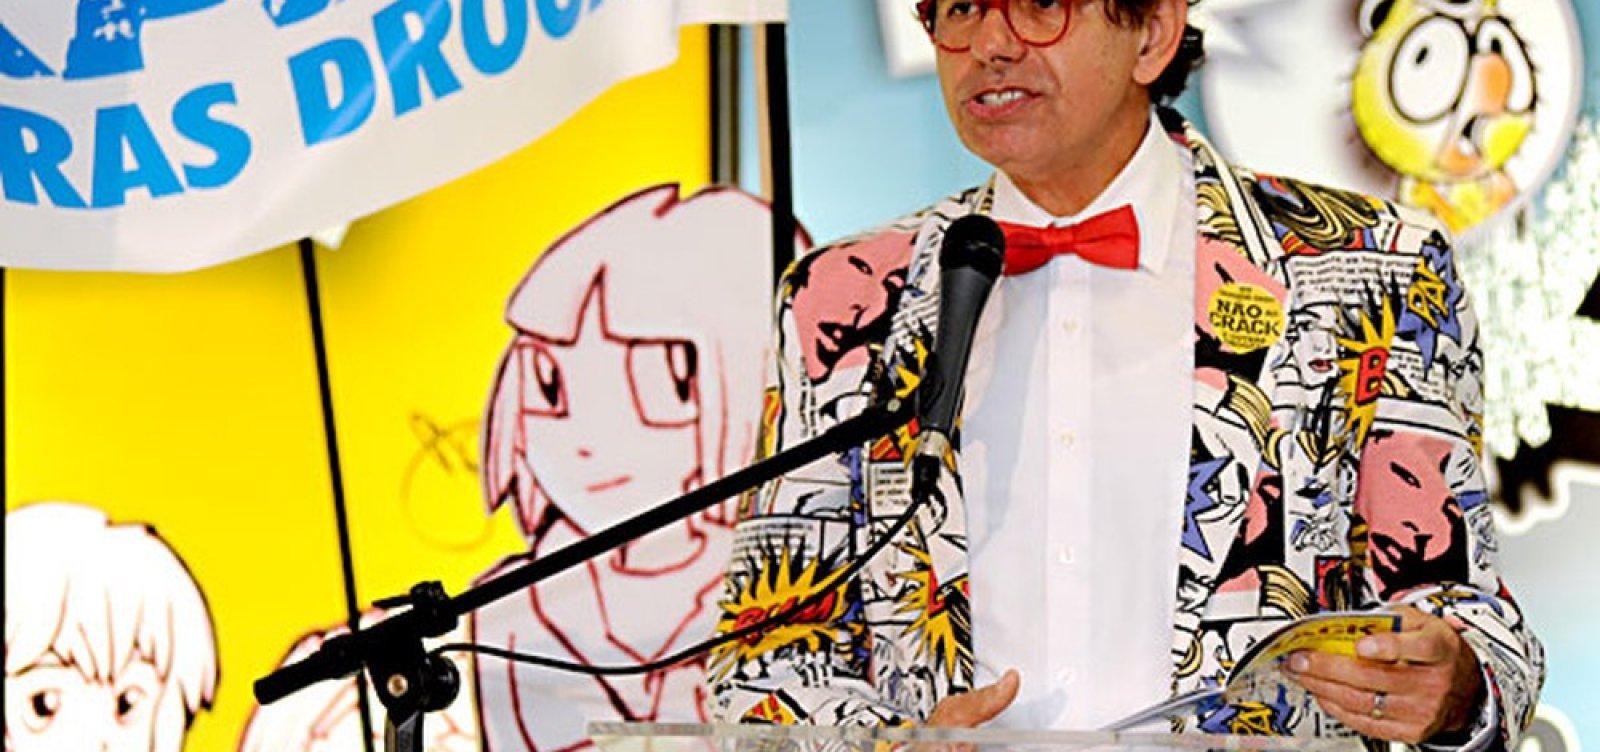 [Artista plástico Daniel Azulay morre vítima de coronavírus aos 72 anos]